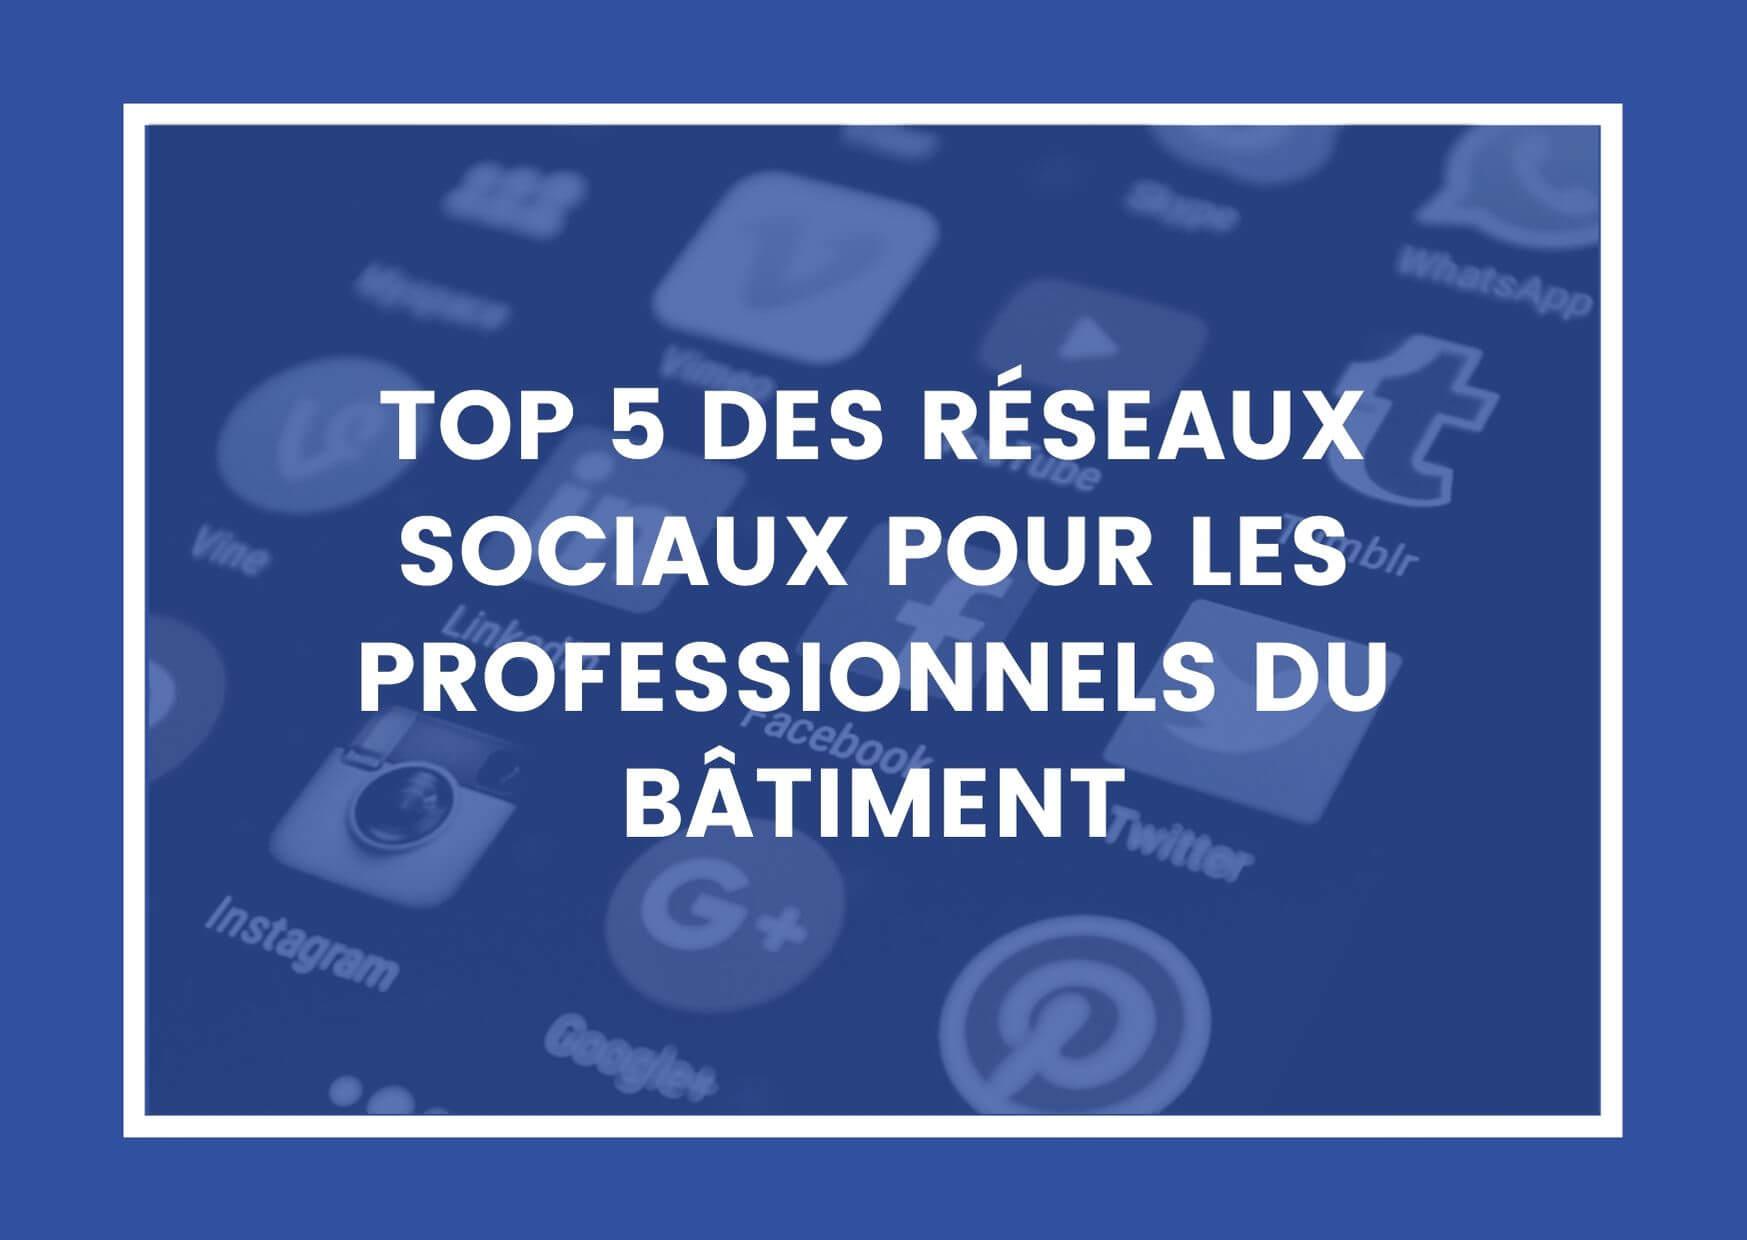 TOP 5 DES RÉSEAUX SOCIAUX POUR LES PROFESSIONNELS DU BÂTIMENT